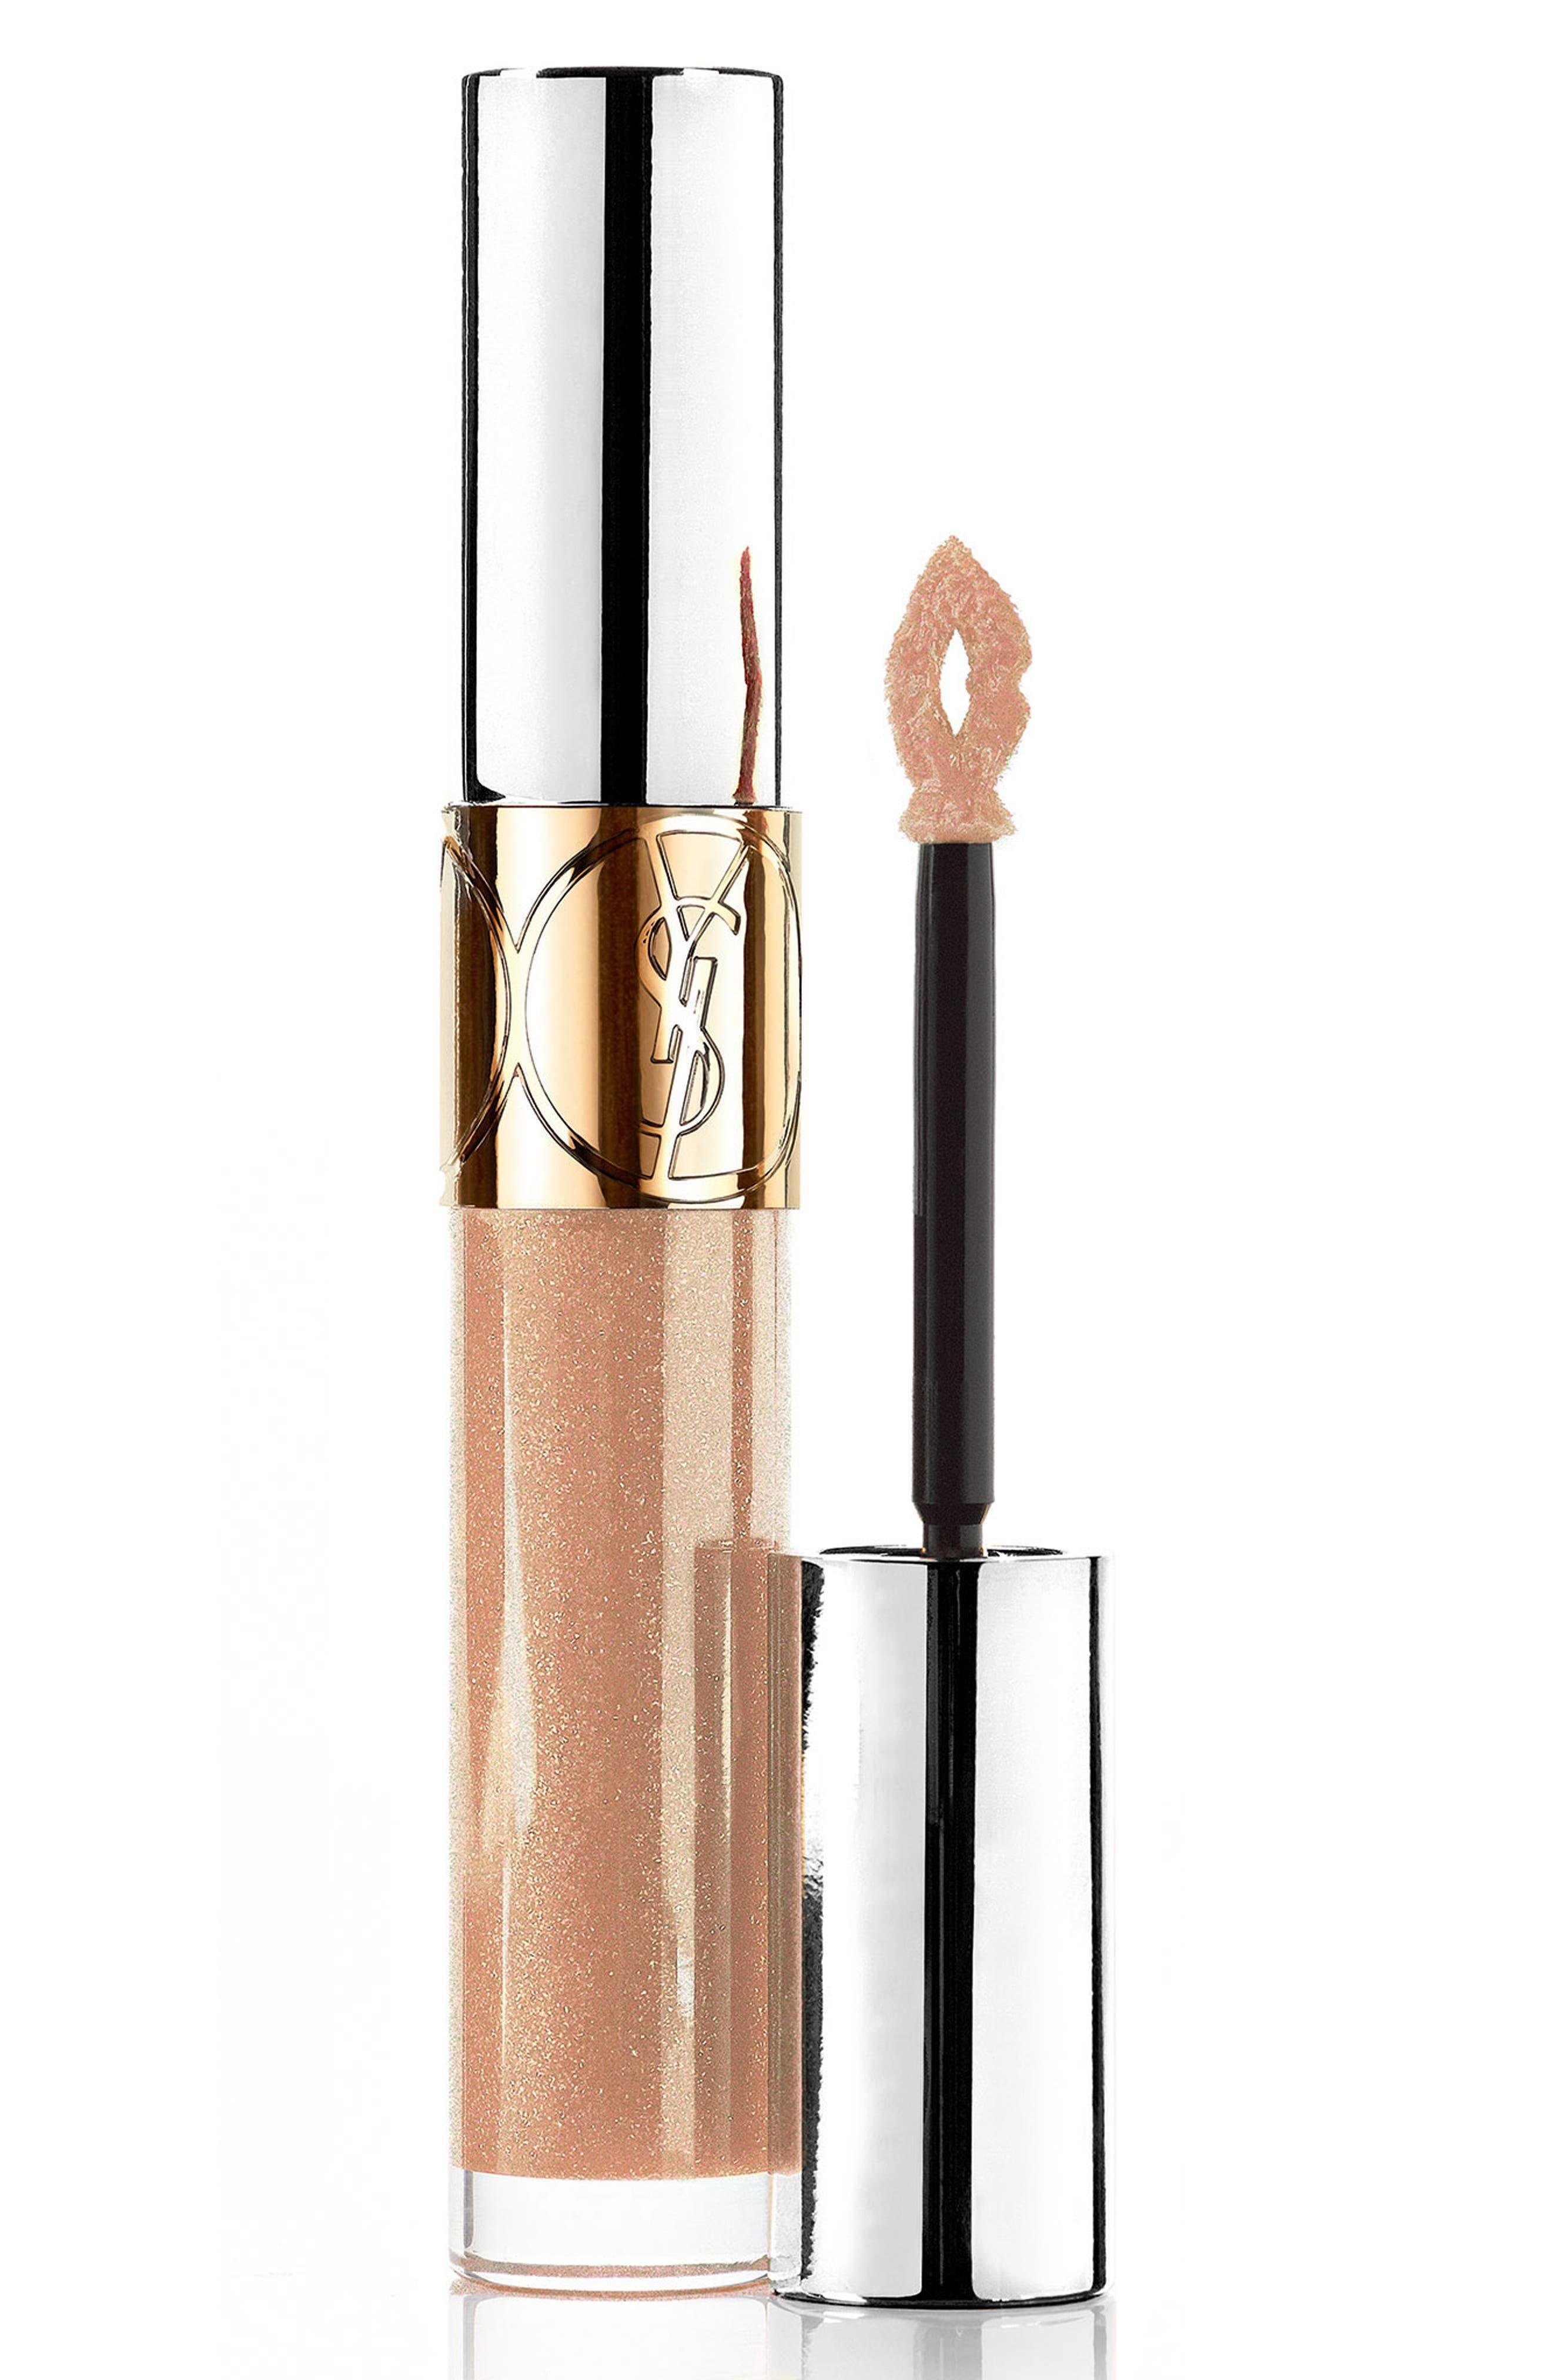 Yves Saint Laurent Glaze & Gloss - 2 Let Me Shine